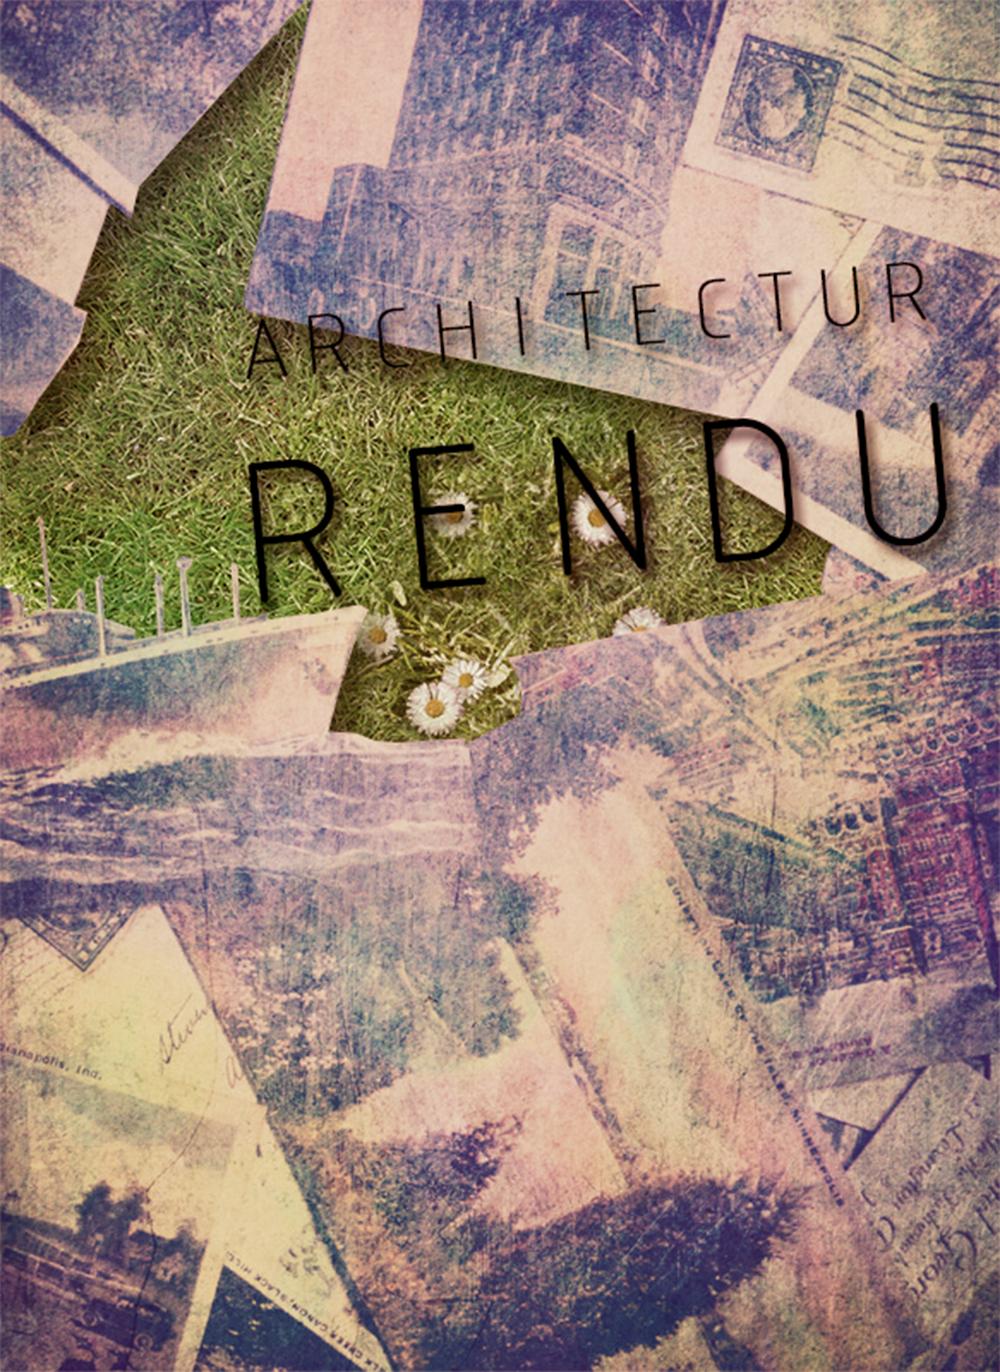 Architecturendu's Profile Picture